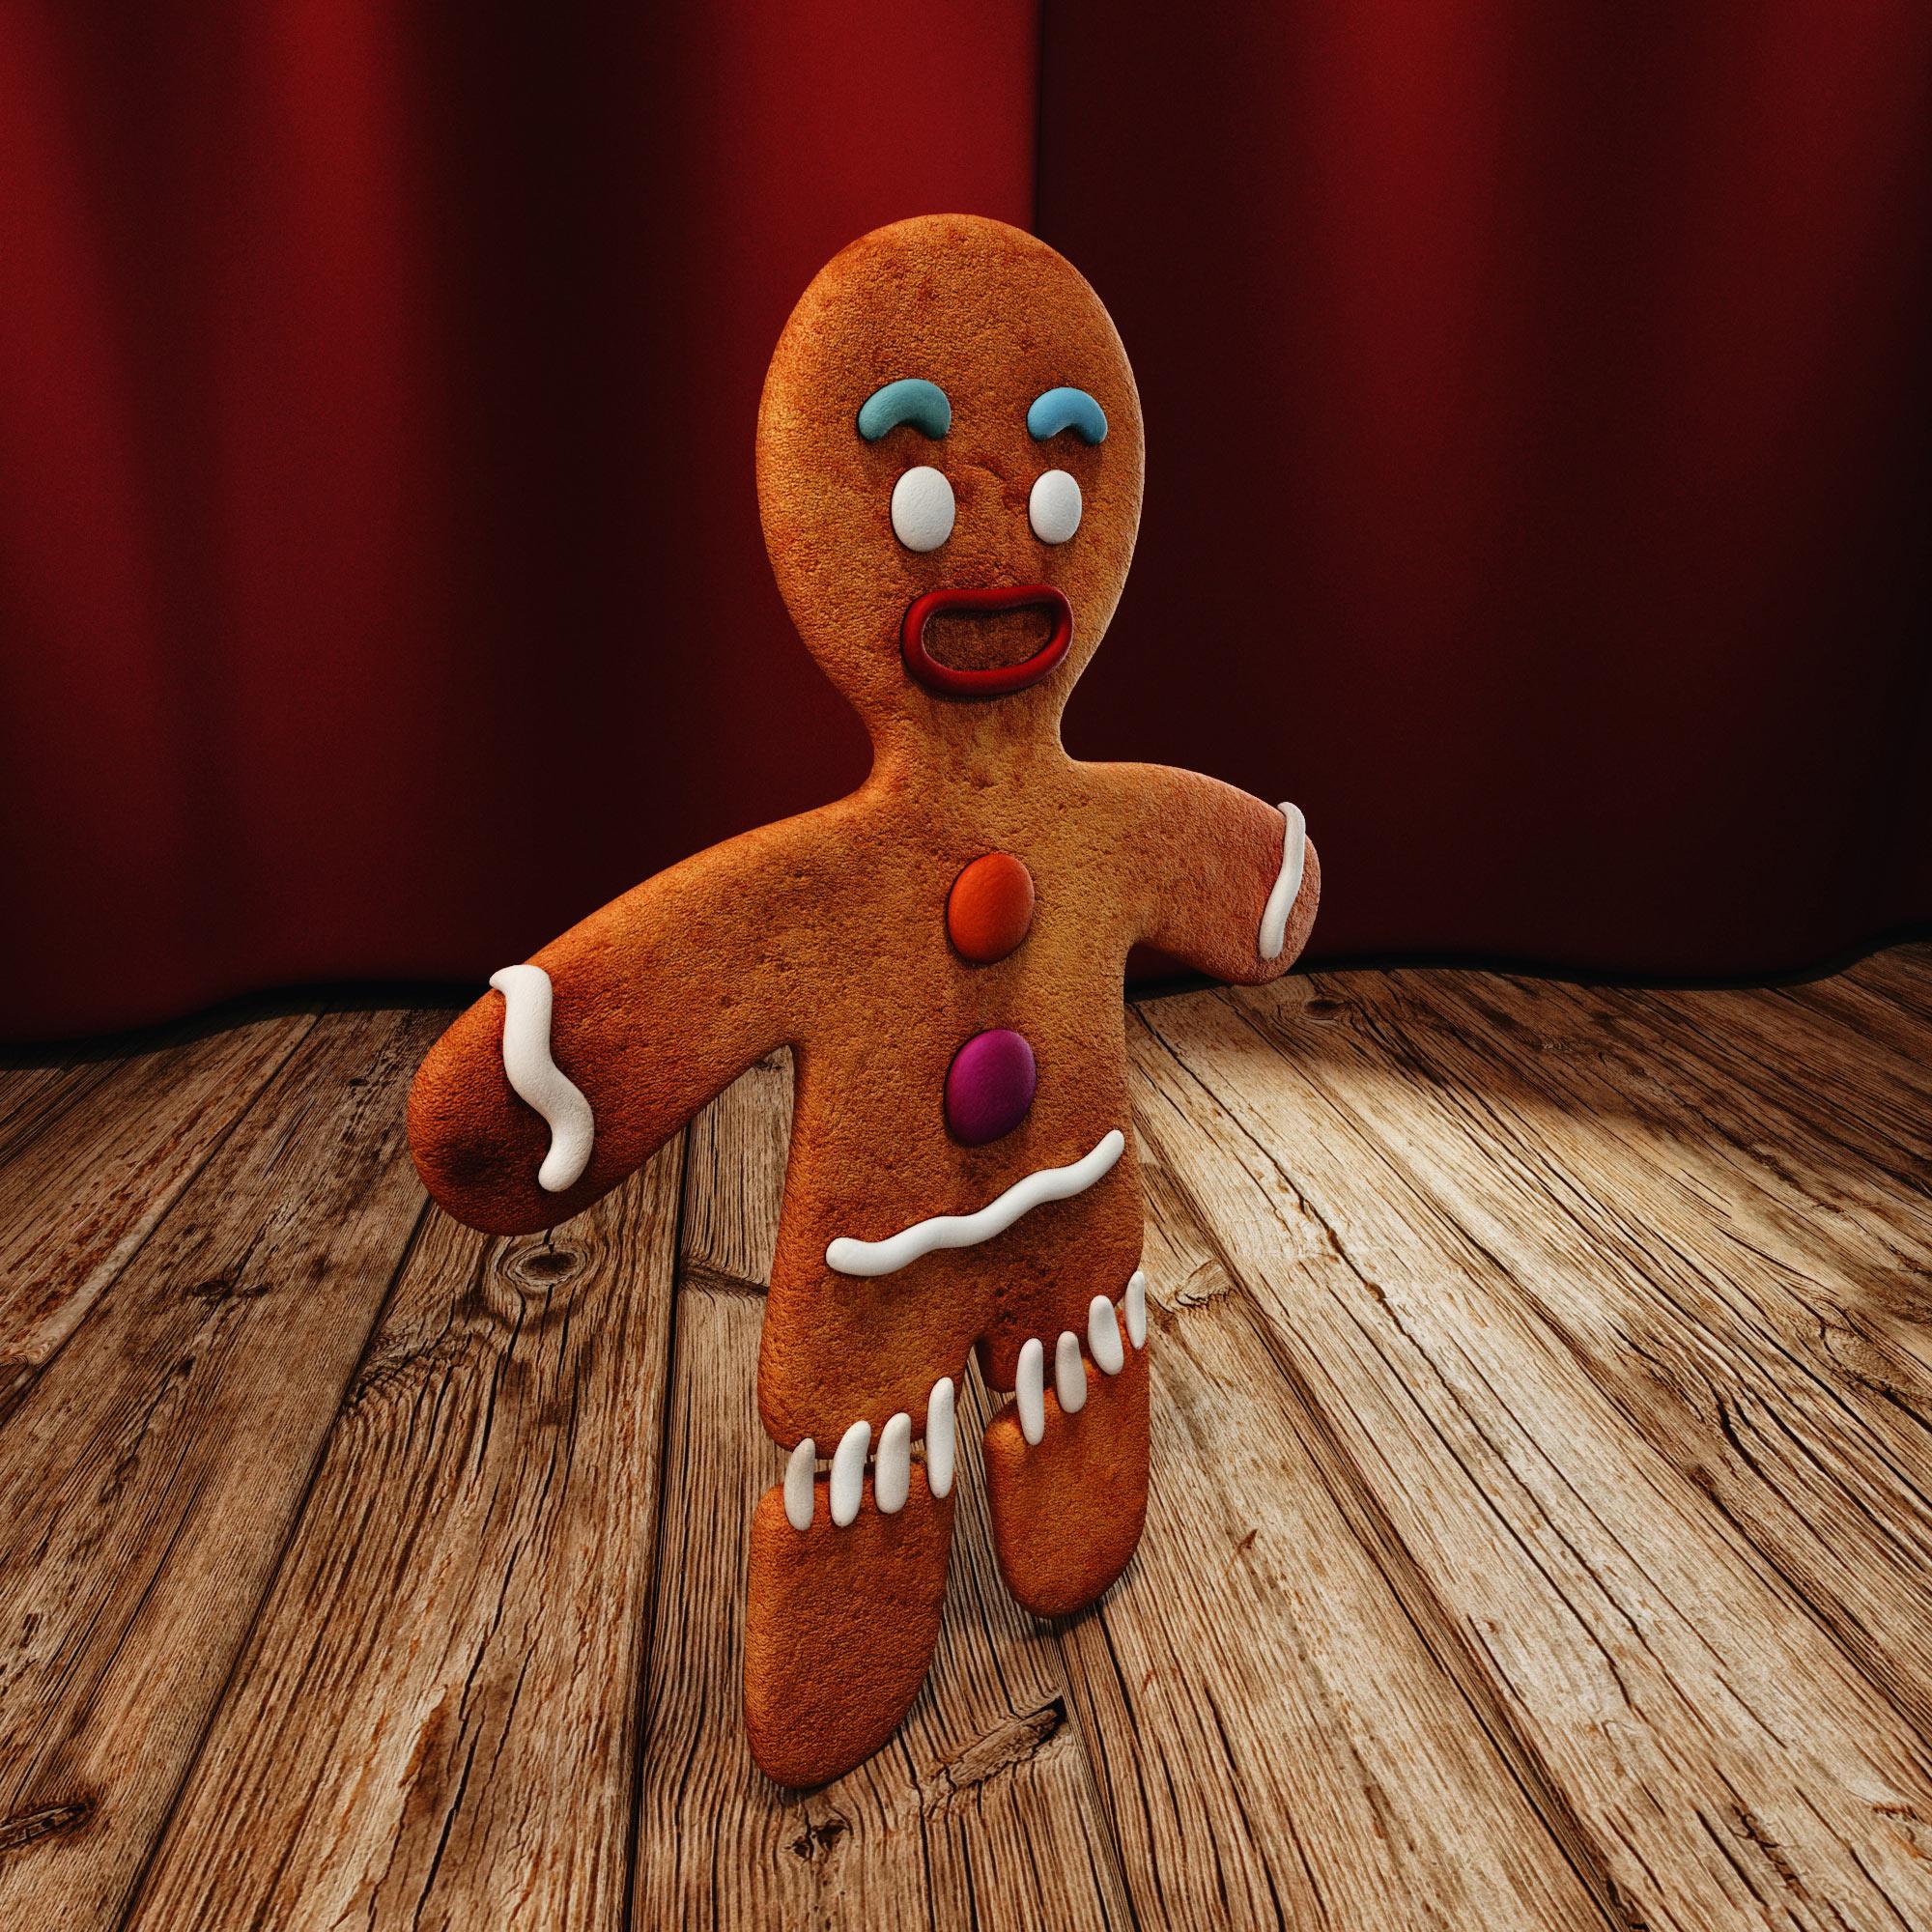 cotedorcookie